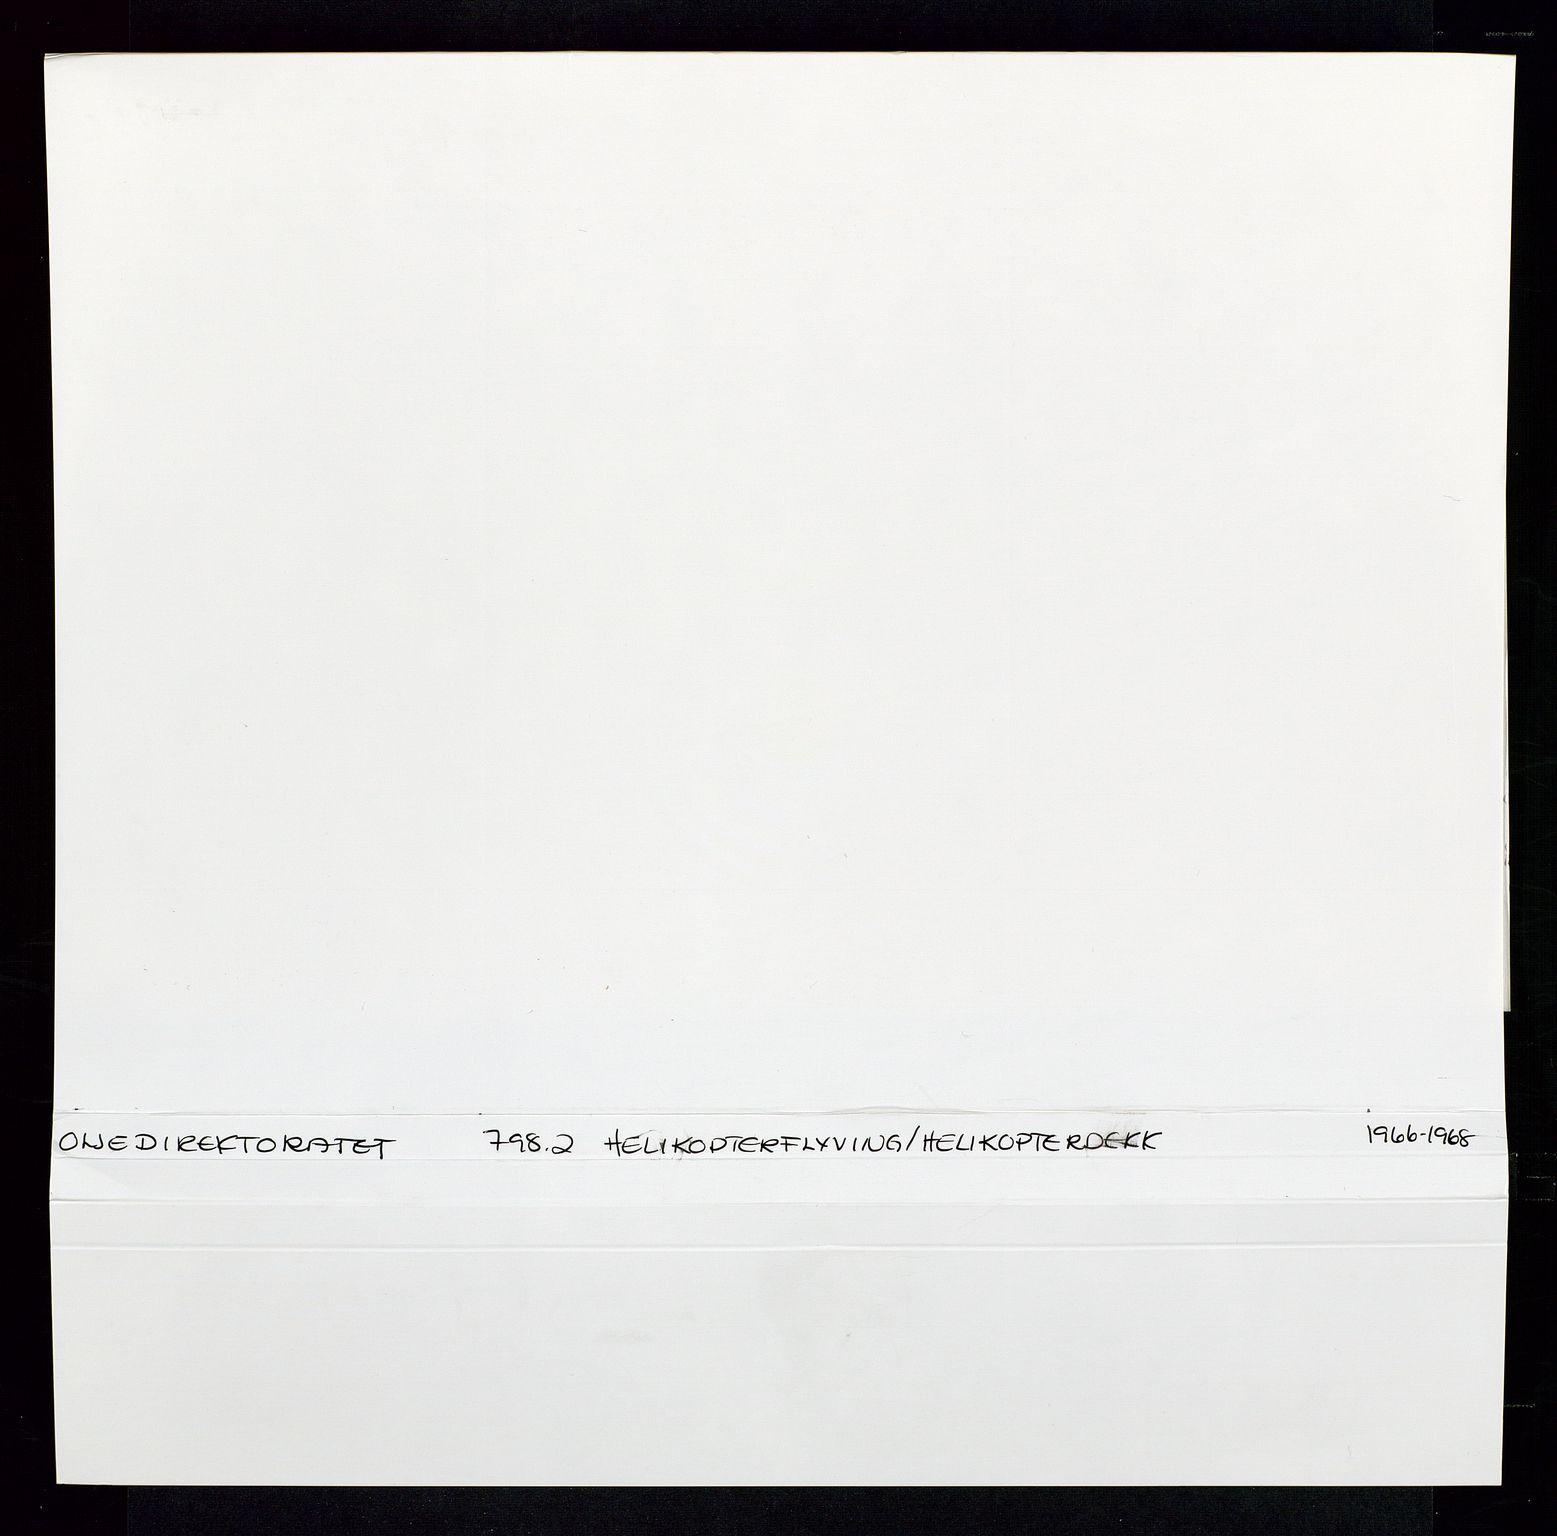 SAST, Industridepartementet, Oljekontoret, Da/L0012: Arkivnøkkel 798 Helikopter, luftfart, telekommunikasjon og skademeldinger/ulykker, 1966-1972, s. 2